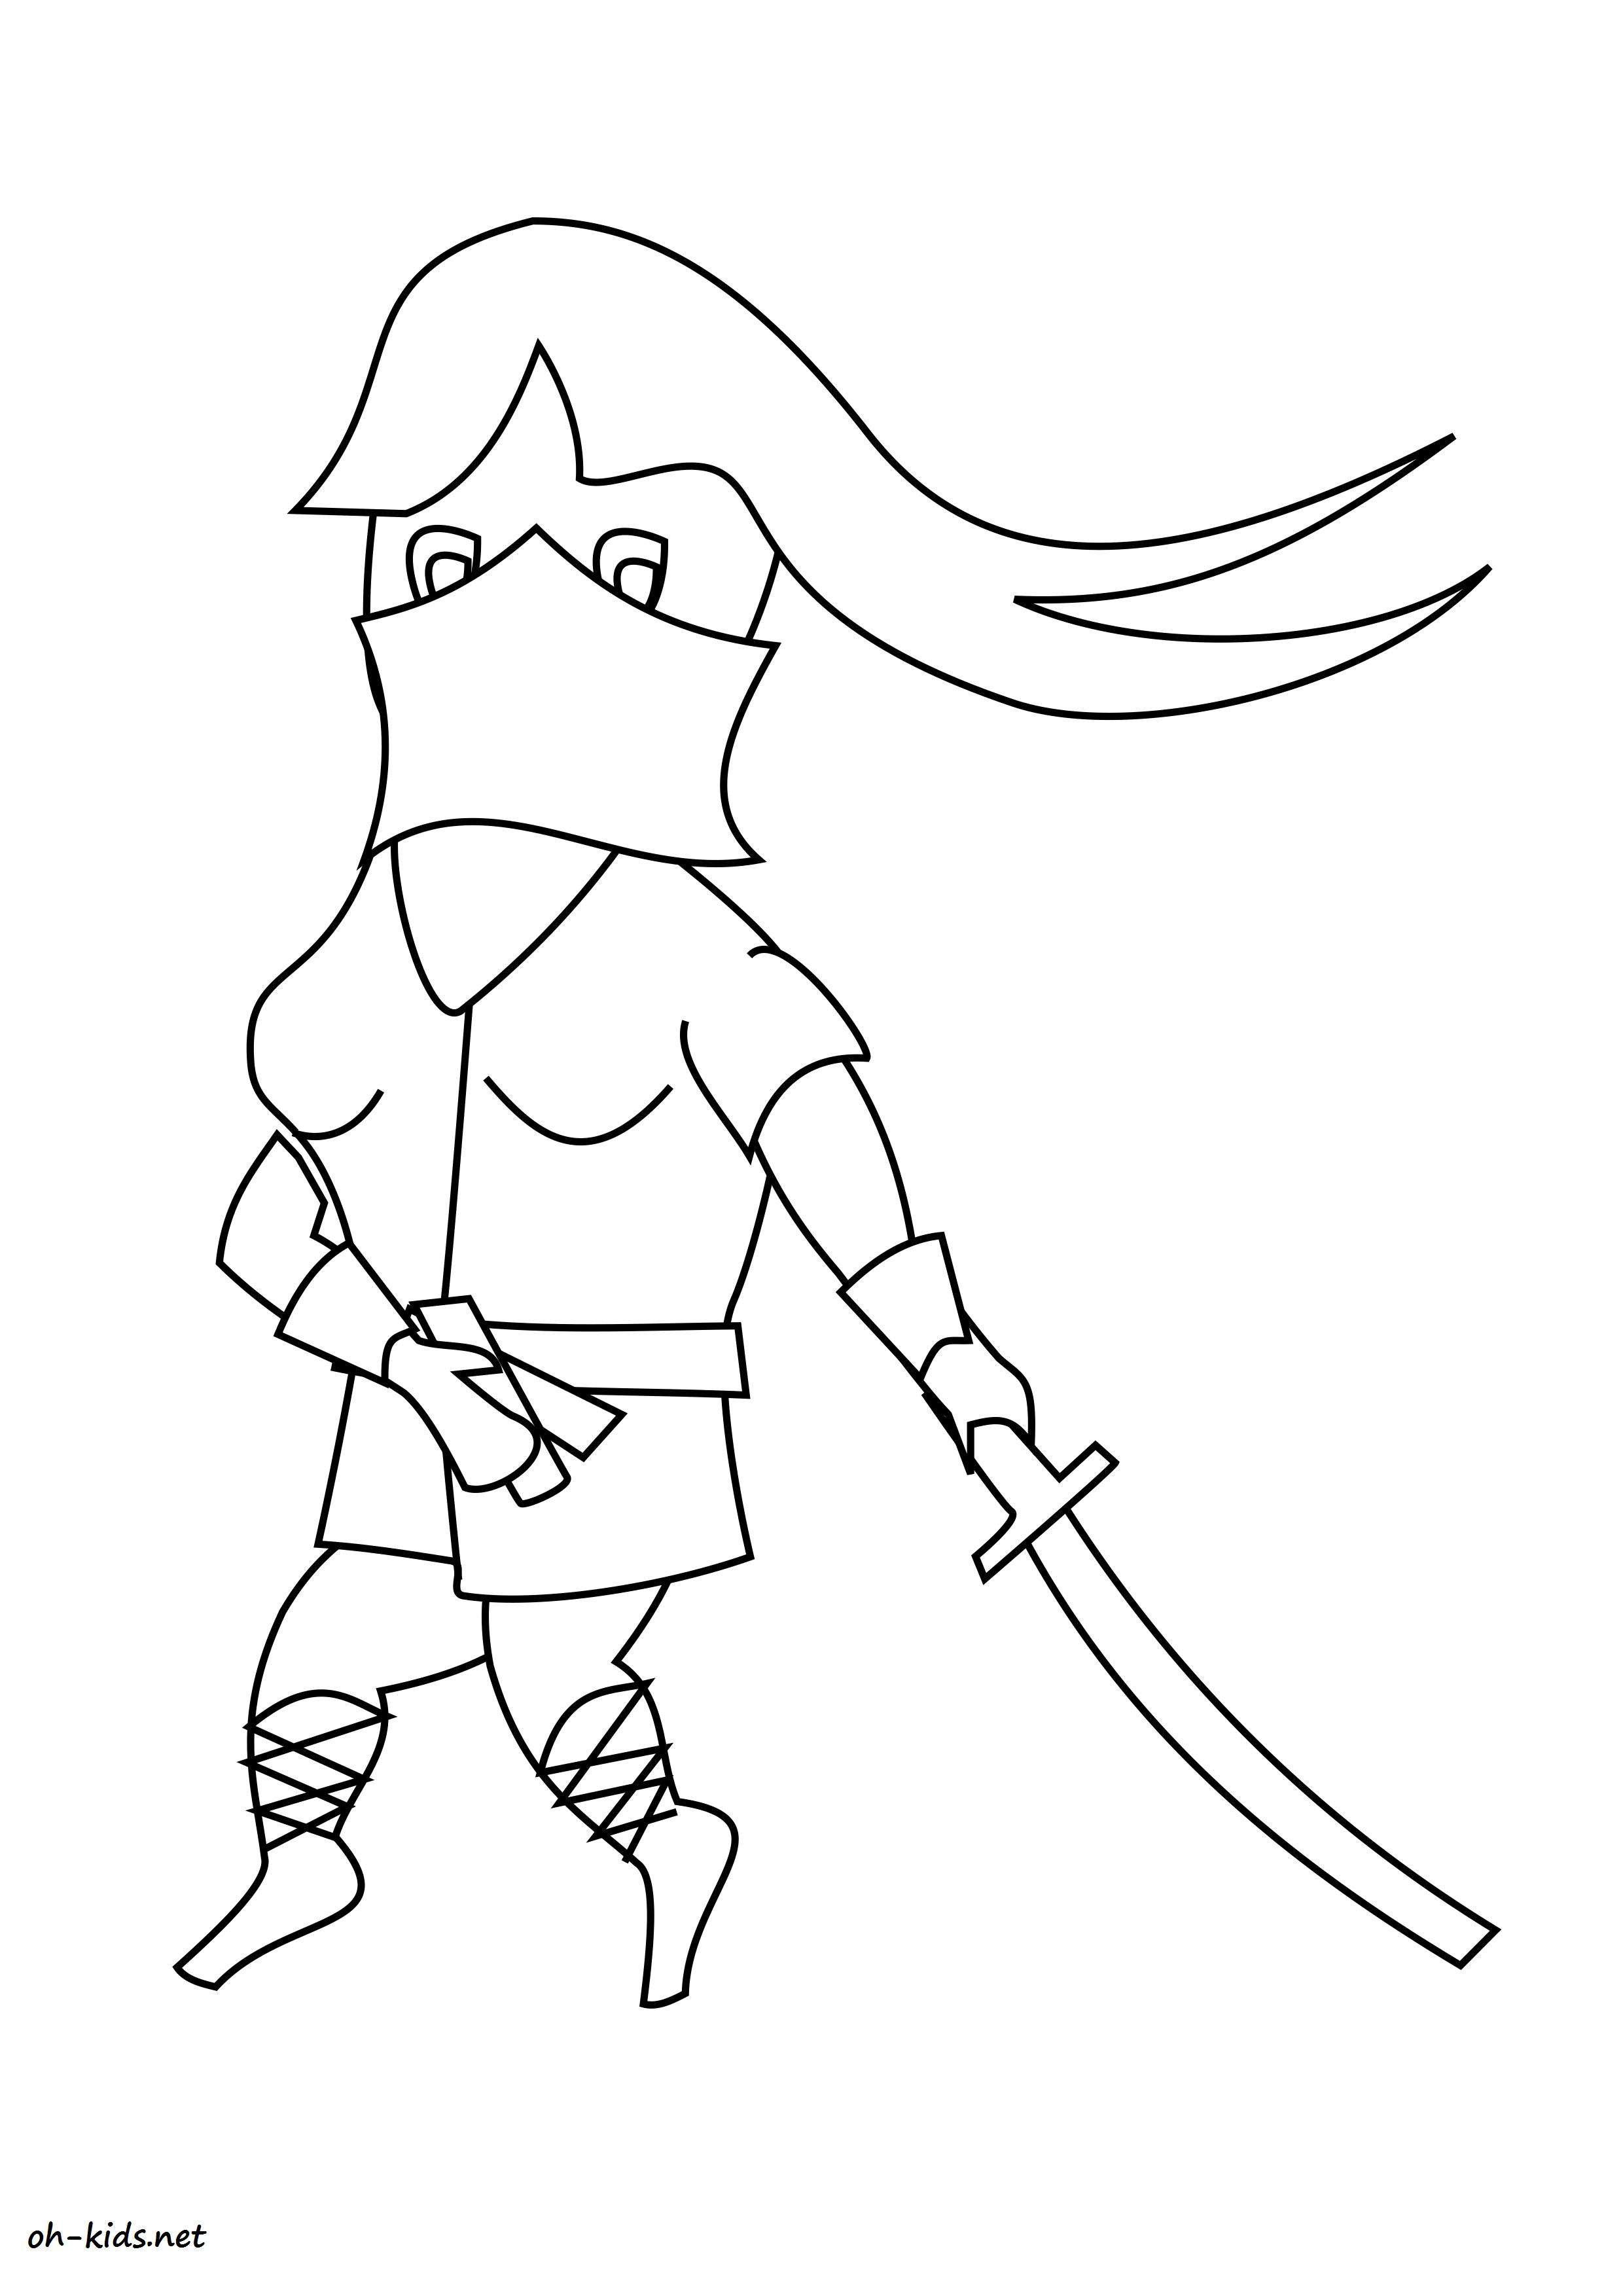 image de karate a dessiner - Dessin #1392